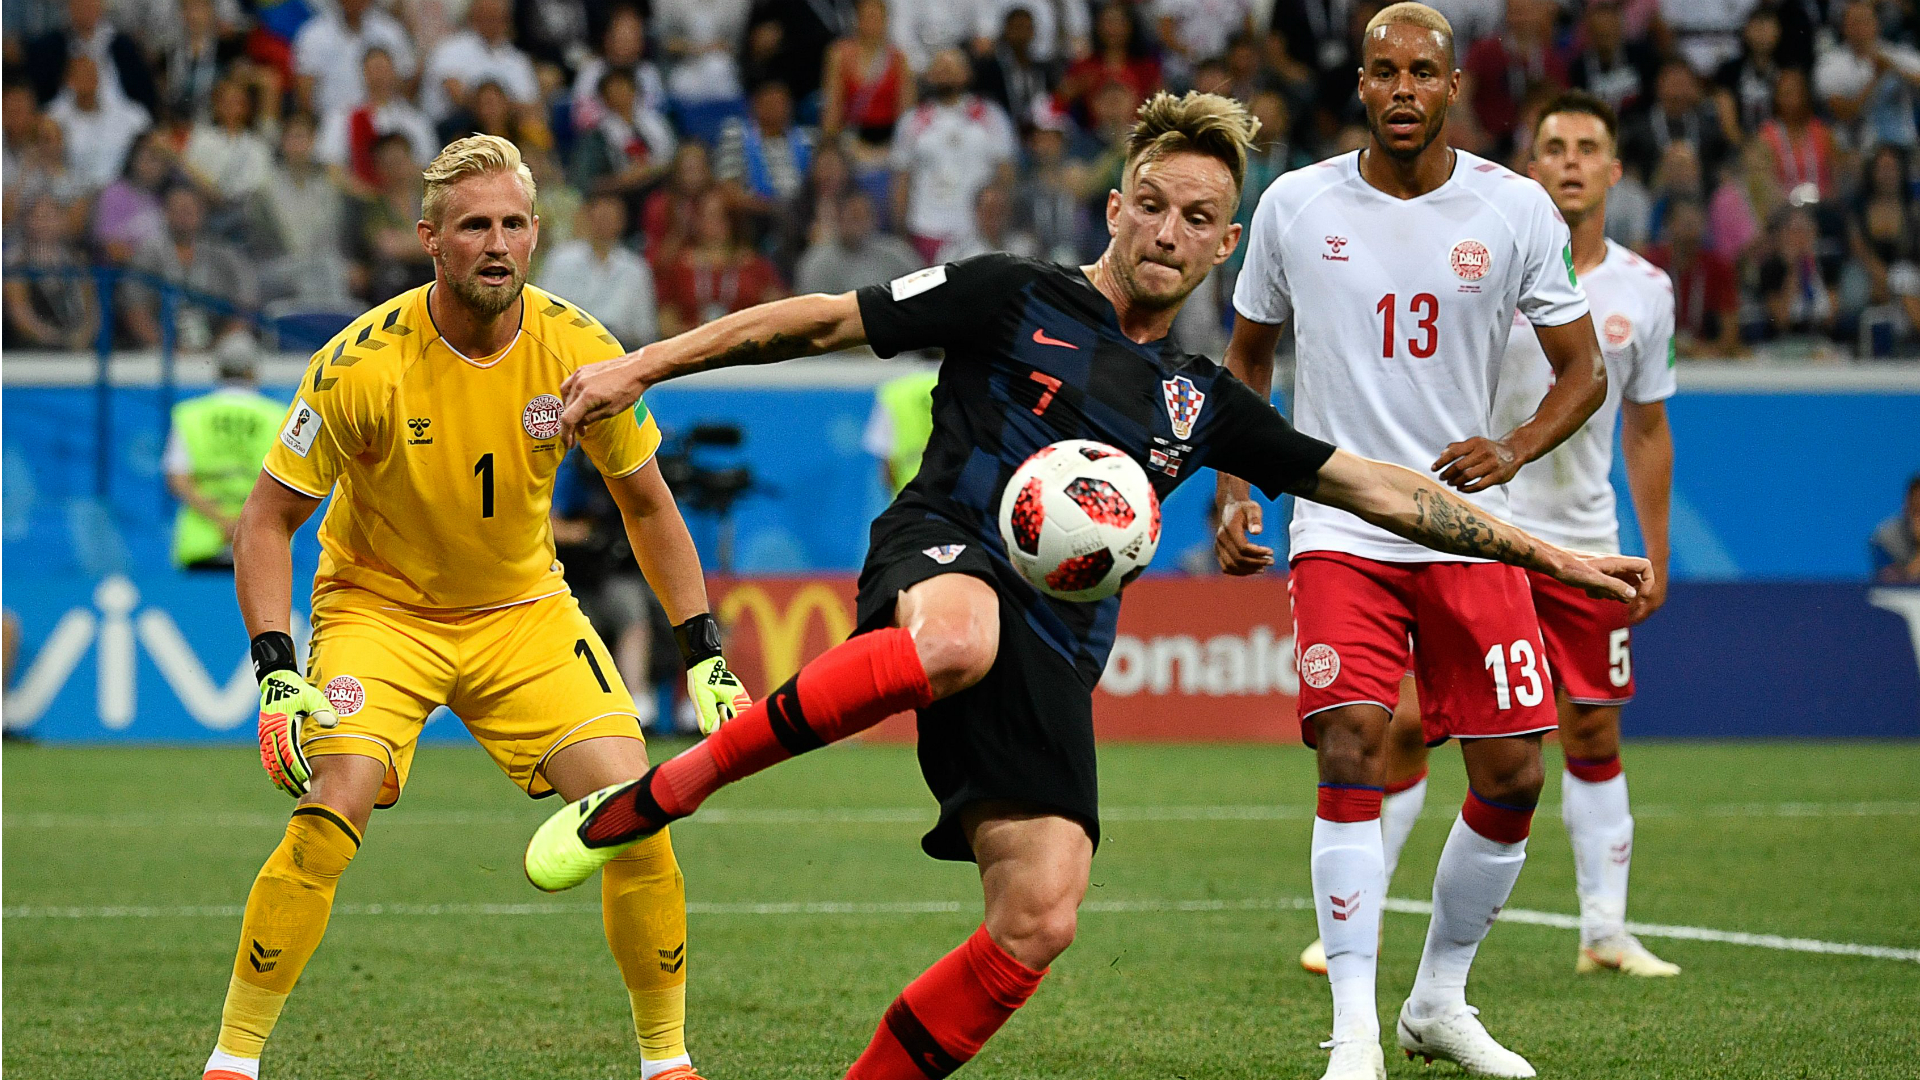 Ivan Rakitic Kasper Schmeichel Mathias Jorgensen Croatia Denmark World Cup 01072018